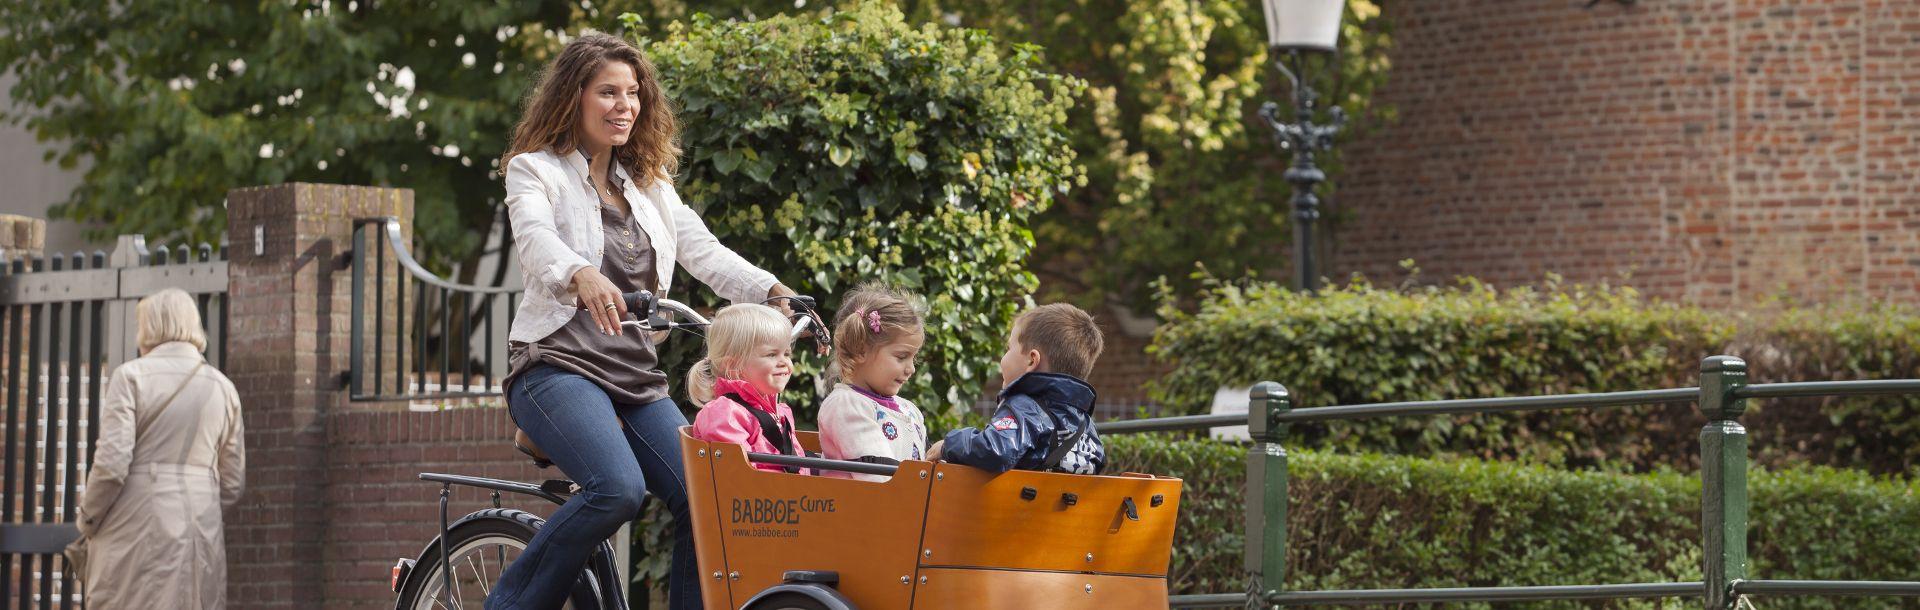 rower towatowy Babboe Curve z dziećmi